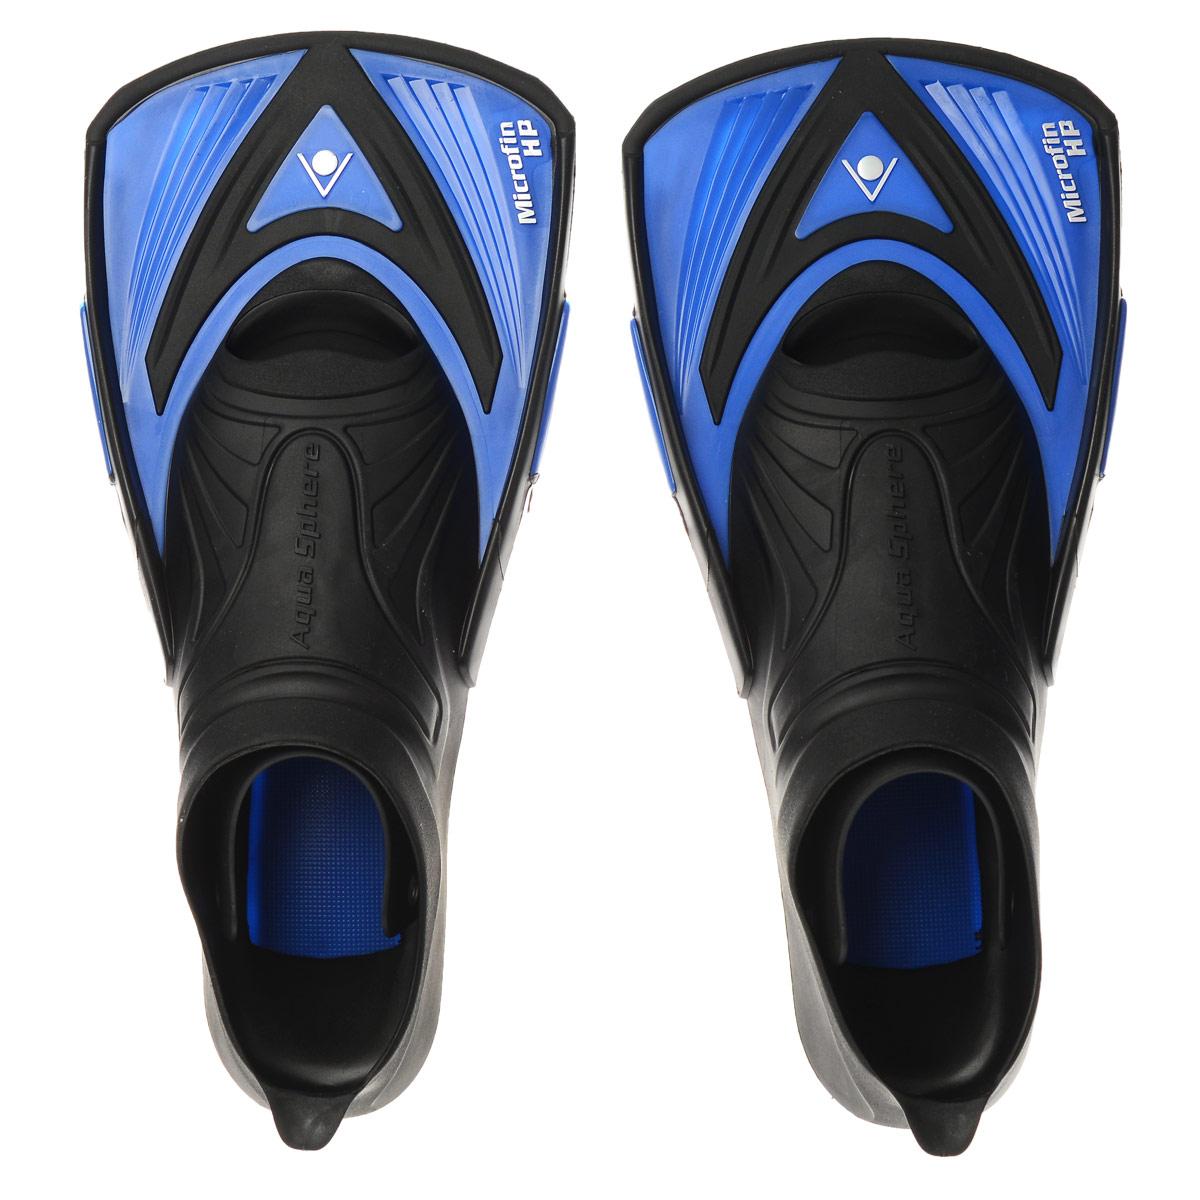 Ласты тренировочные Aqua Sphere Microfin HP, цвет: синий. Размер 32/33 aqua sphere racing tube green прозрачный силикон